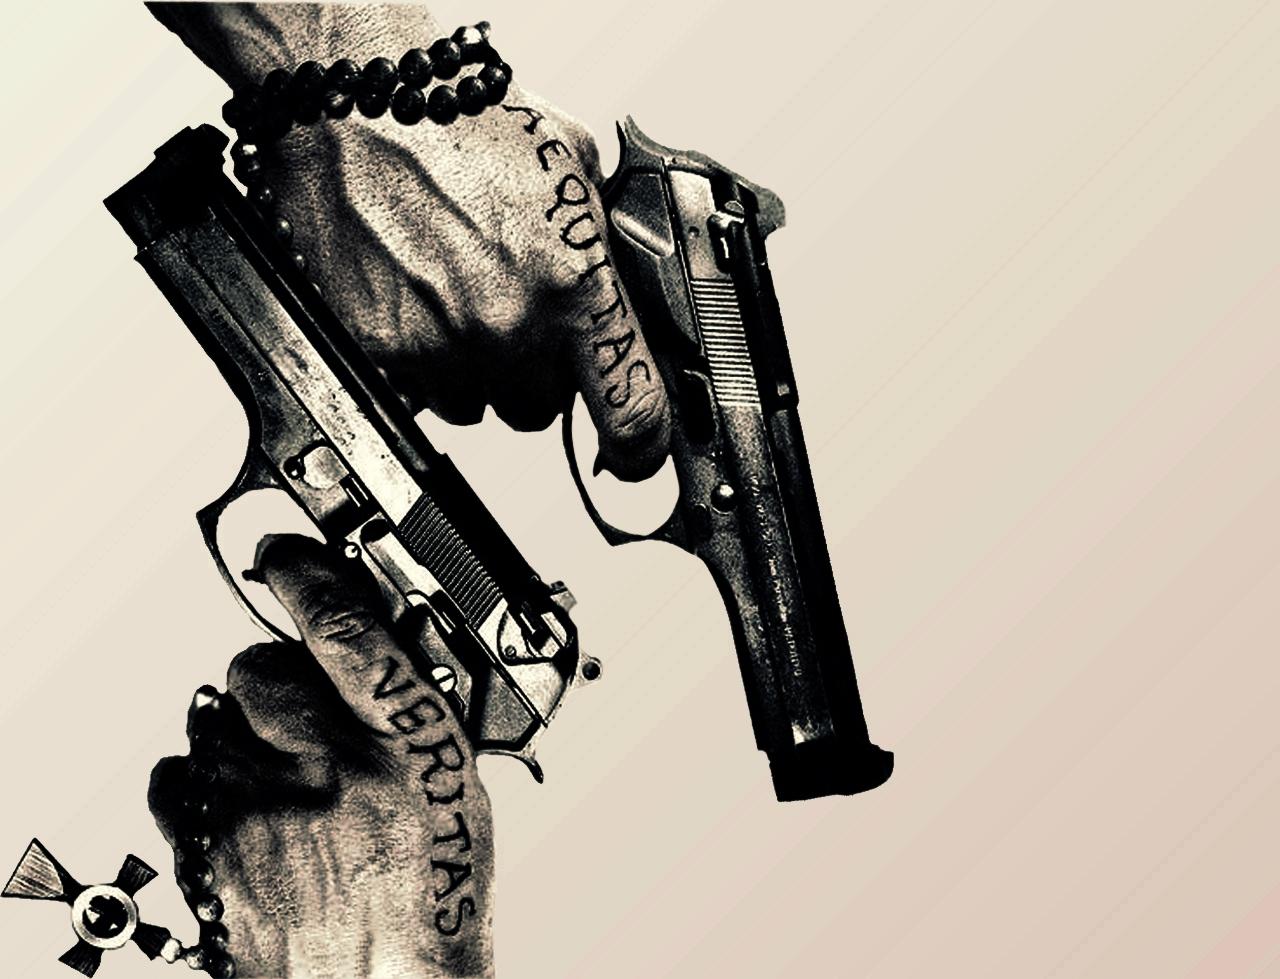 горсовета новосибирска картинки с револьвером на аву линзах